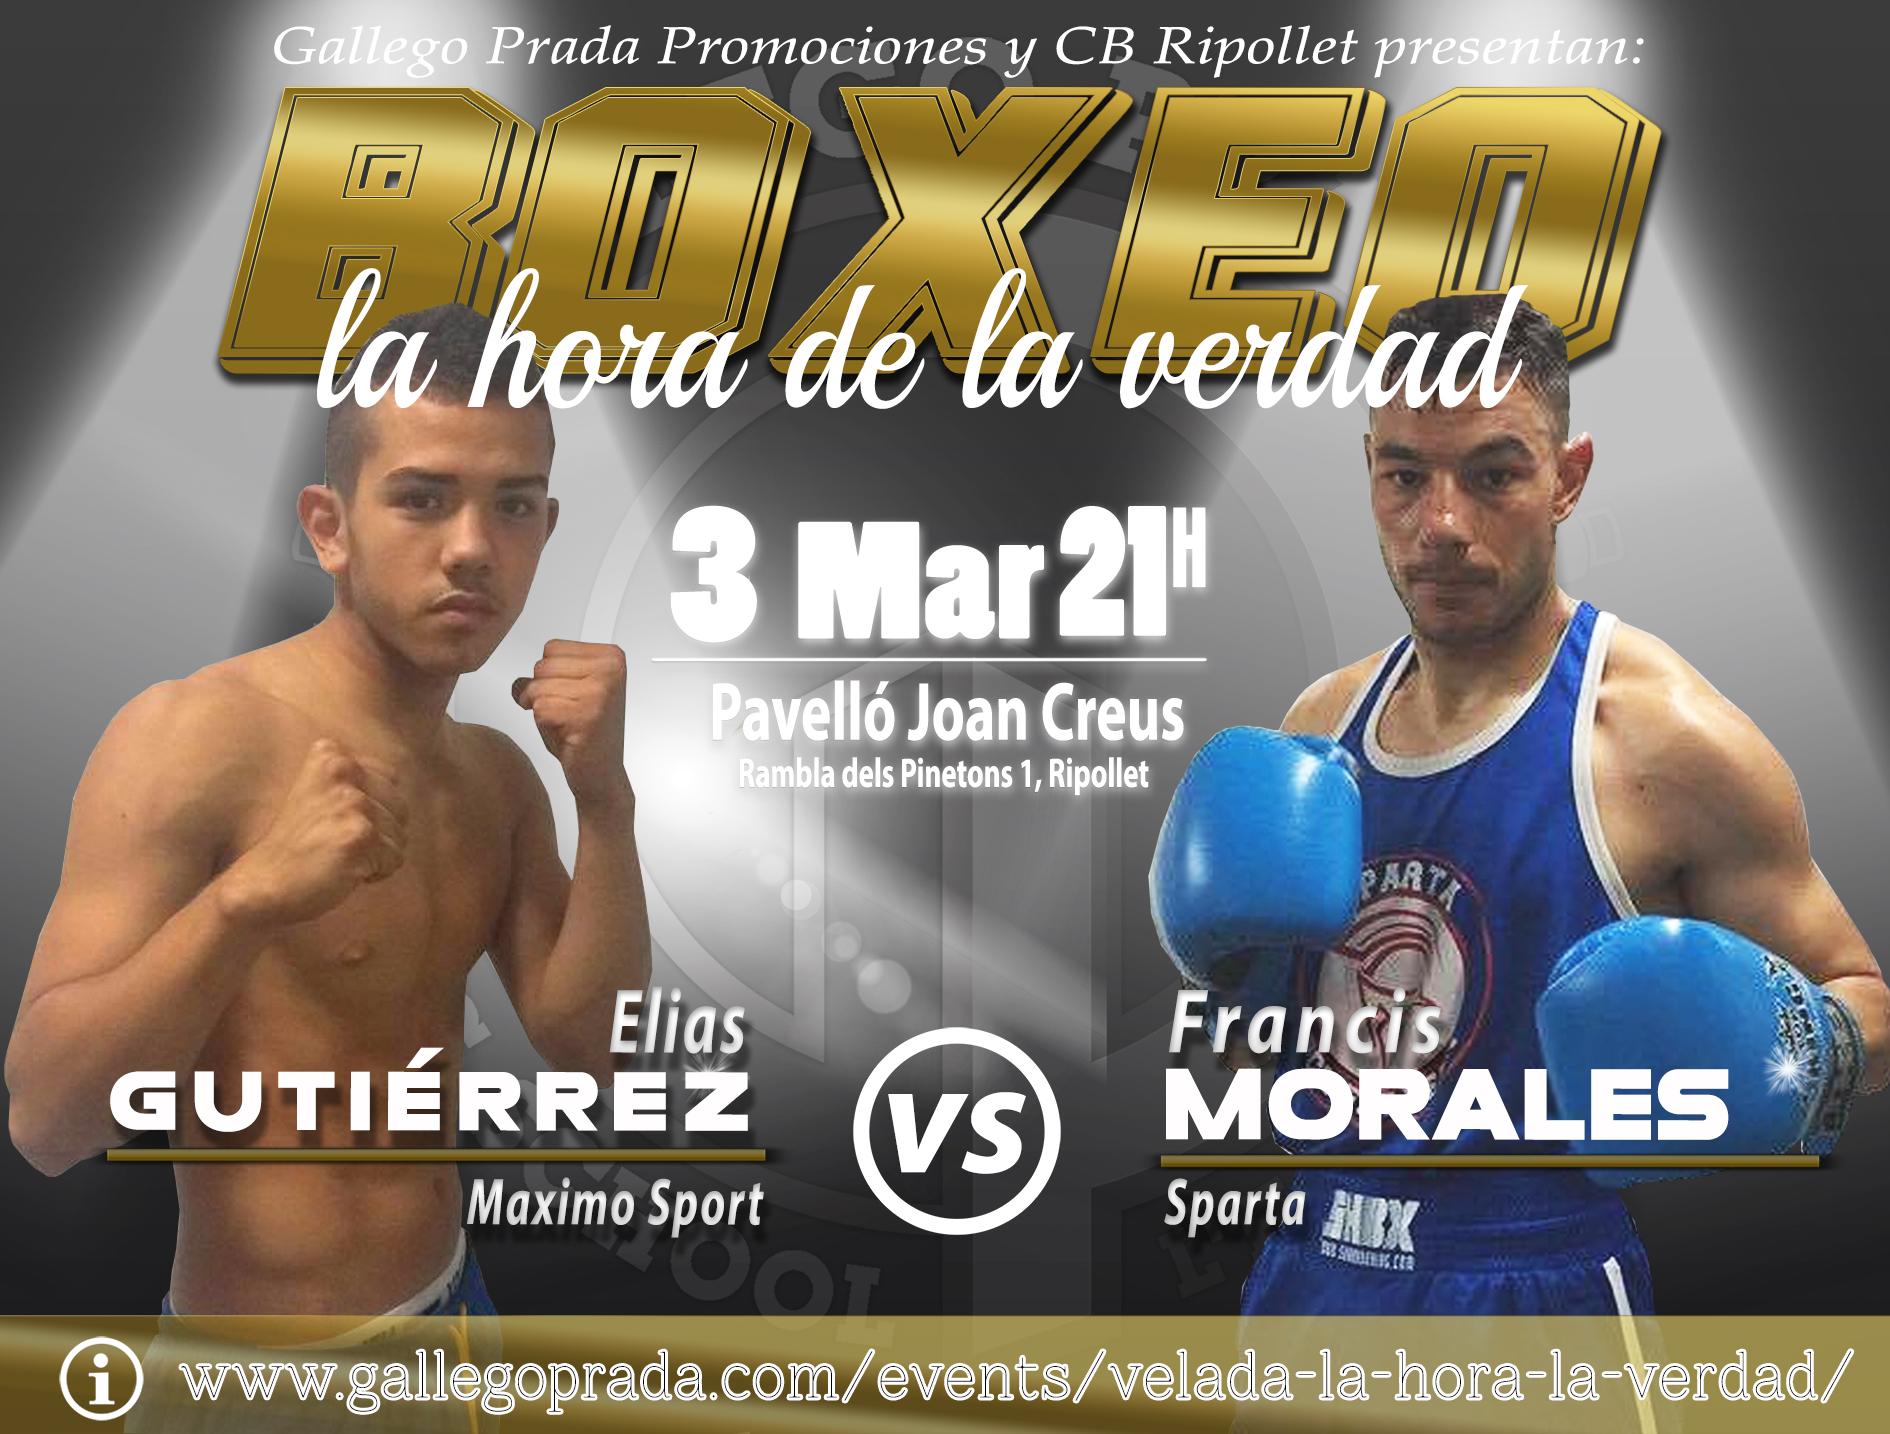 Elias Gutierrez vs Francis Morales